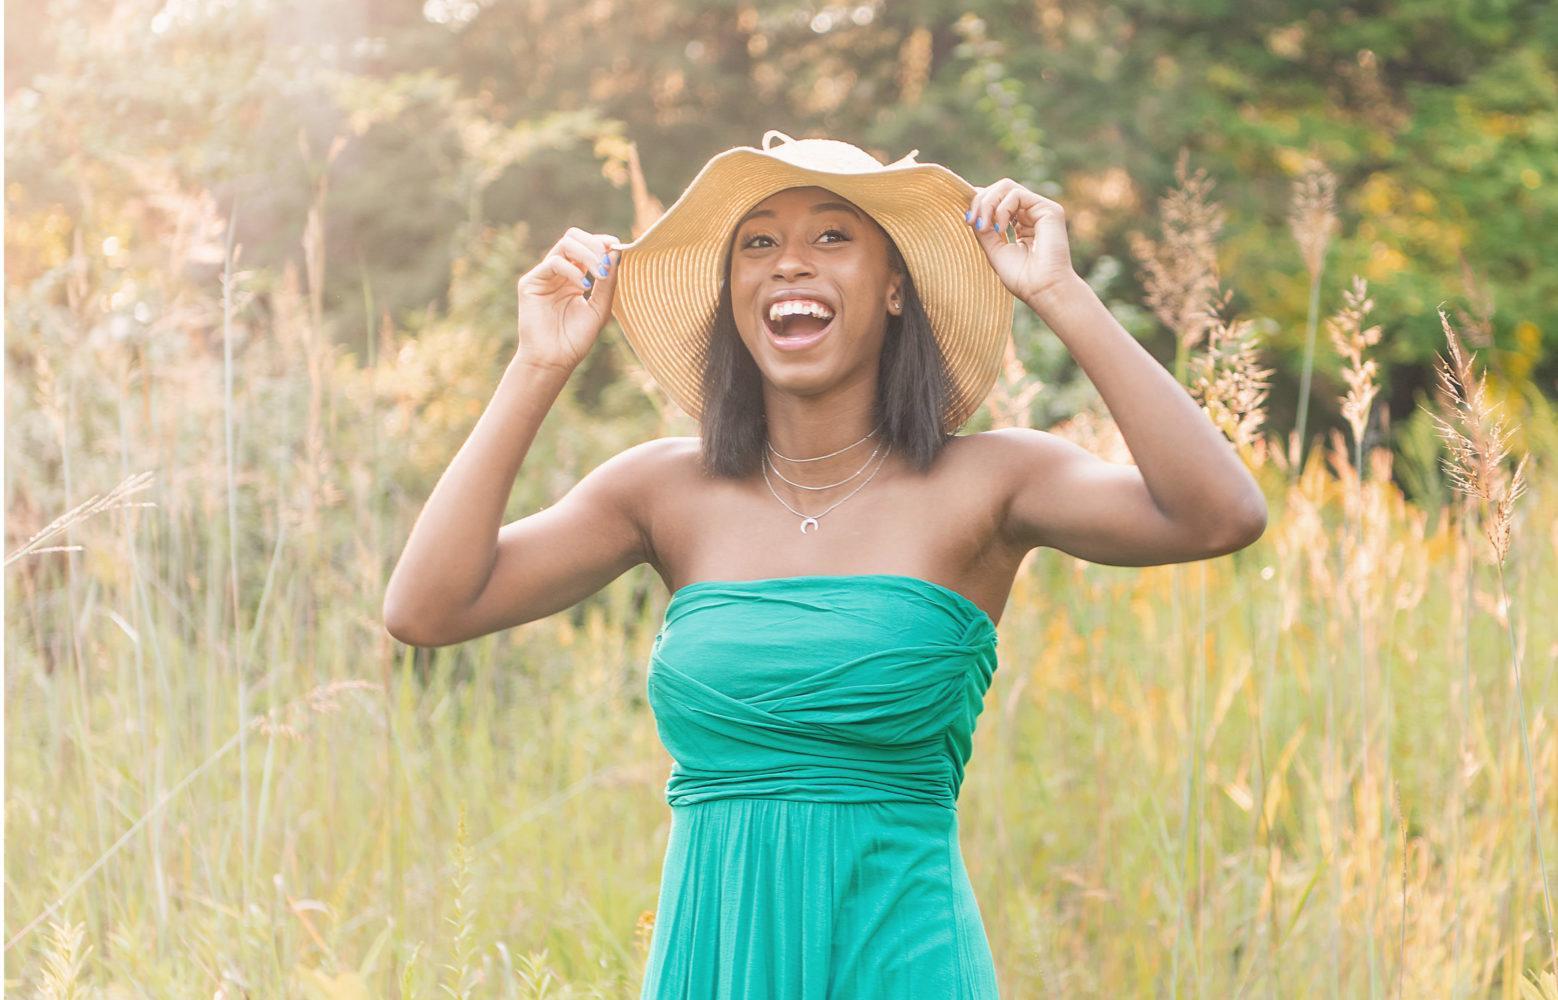 senior girl in sundress laughing